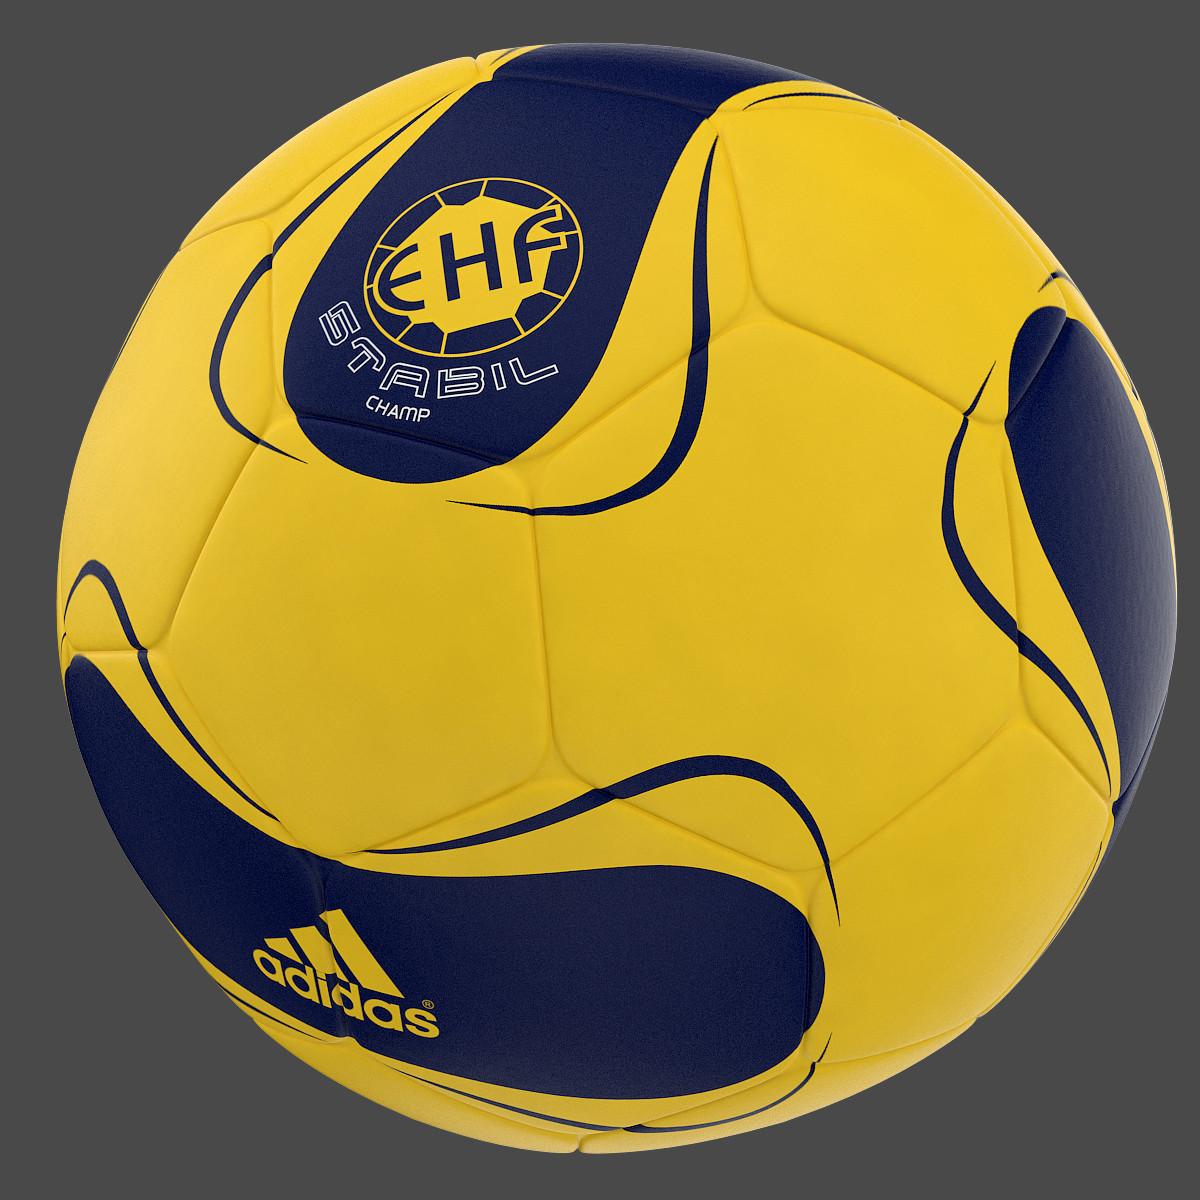 handball_ball_01.jpg